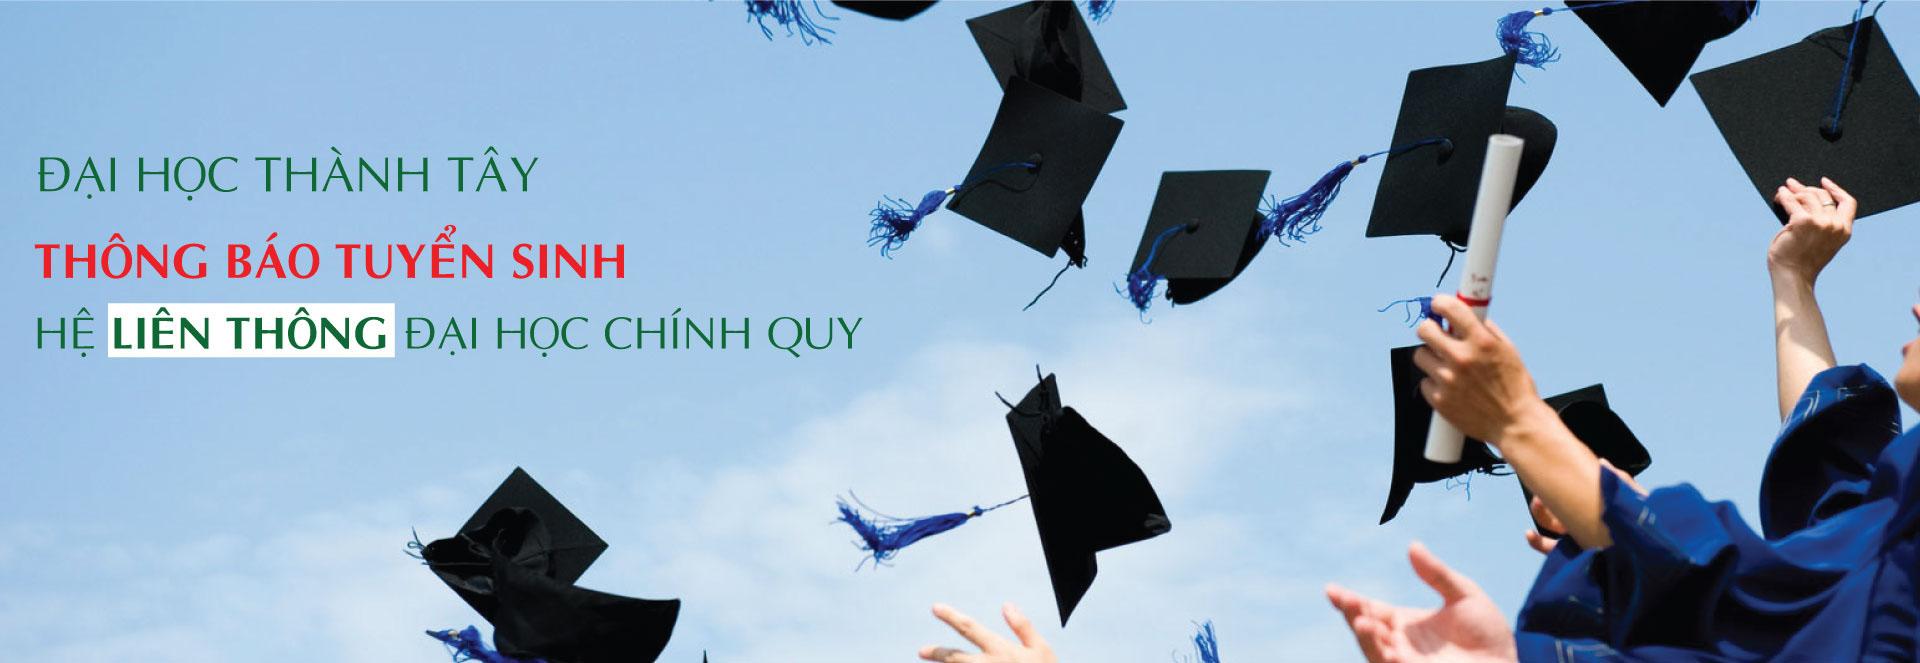 Thiết kế banner giáo dục uy tín, chuyên nghiệp